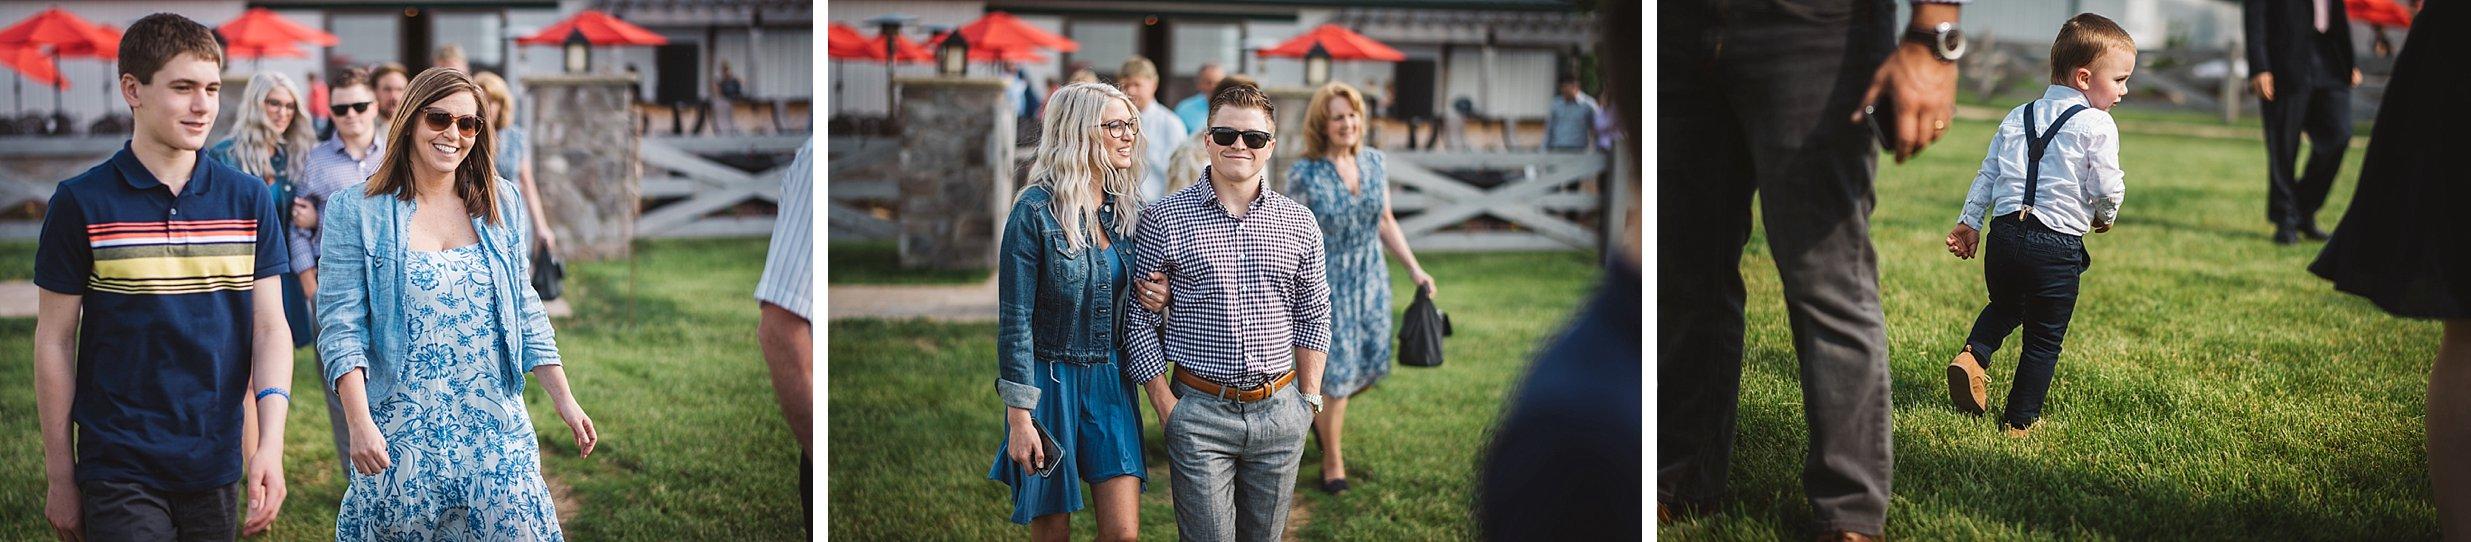 Hillcrest Farm Wedding Ohio_0016.jpg